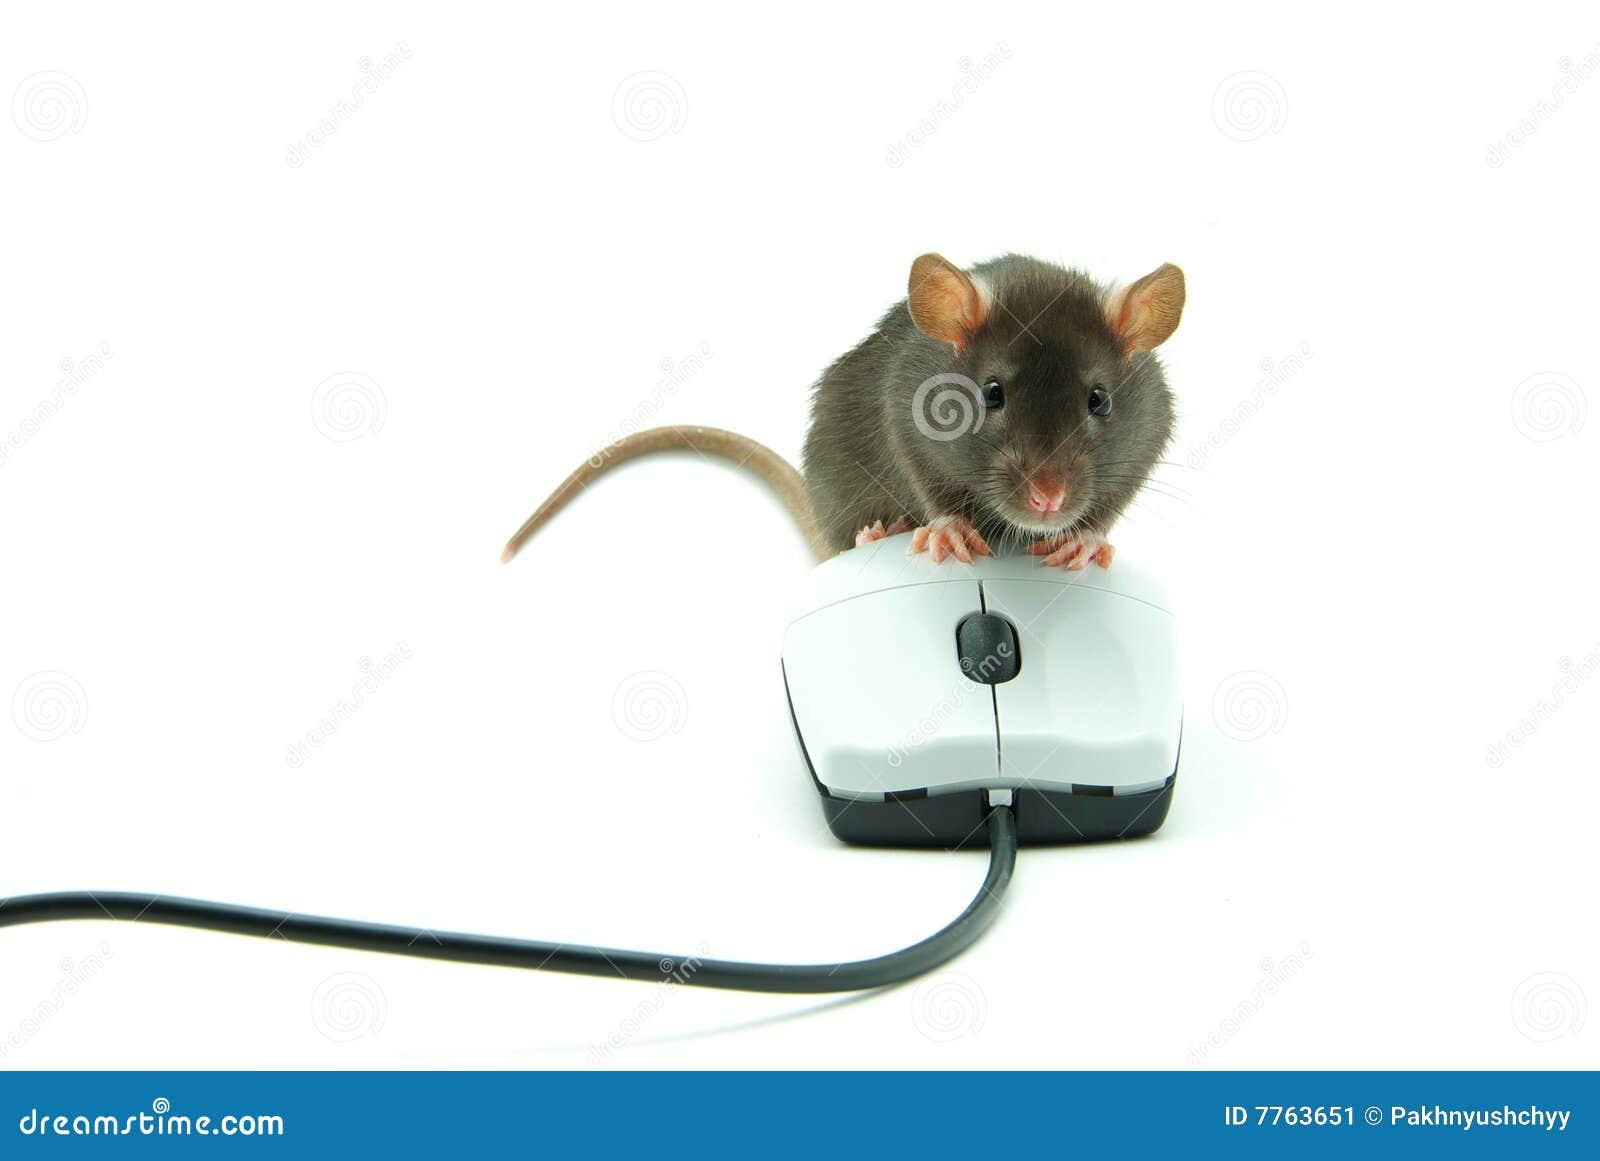 souris de rat et d 39 ordinateur image stock image 7763651. Black Bedroom Furniture Sets. Home Design Ideas